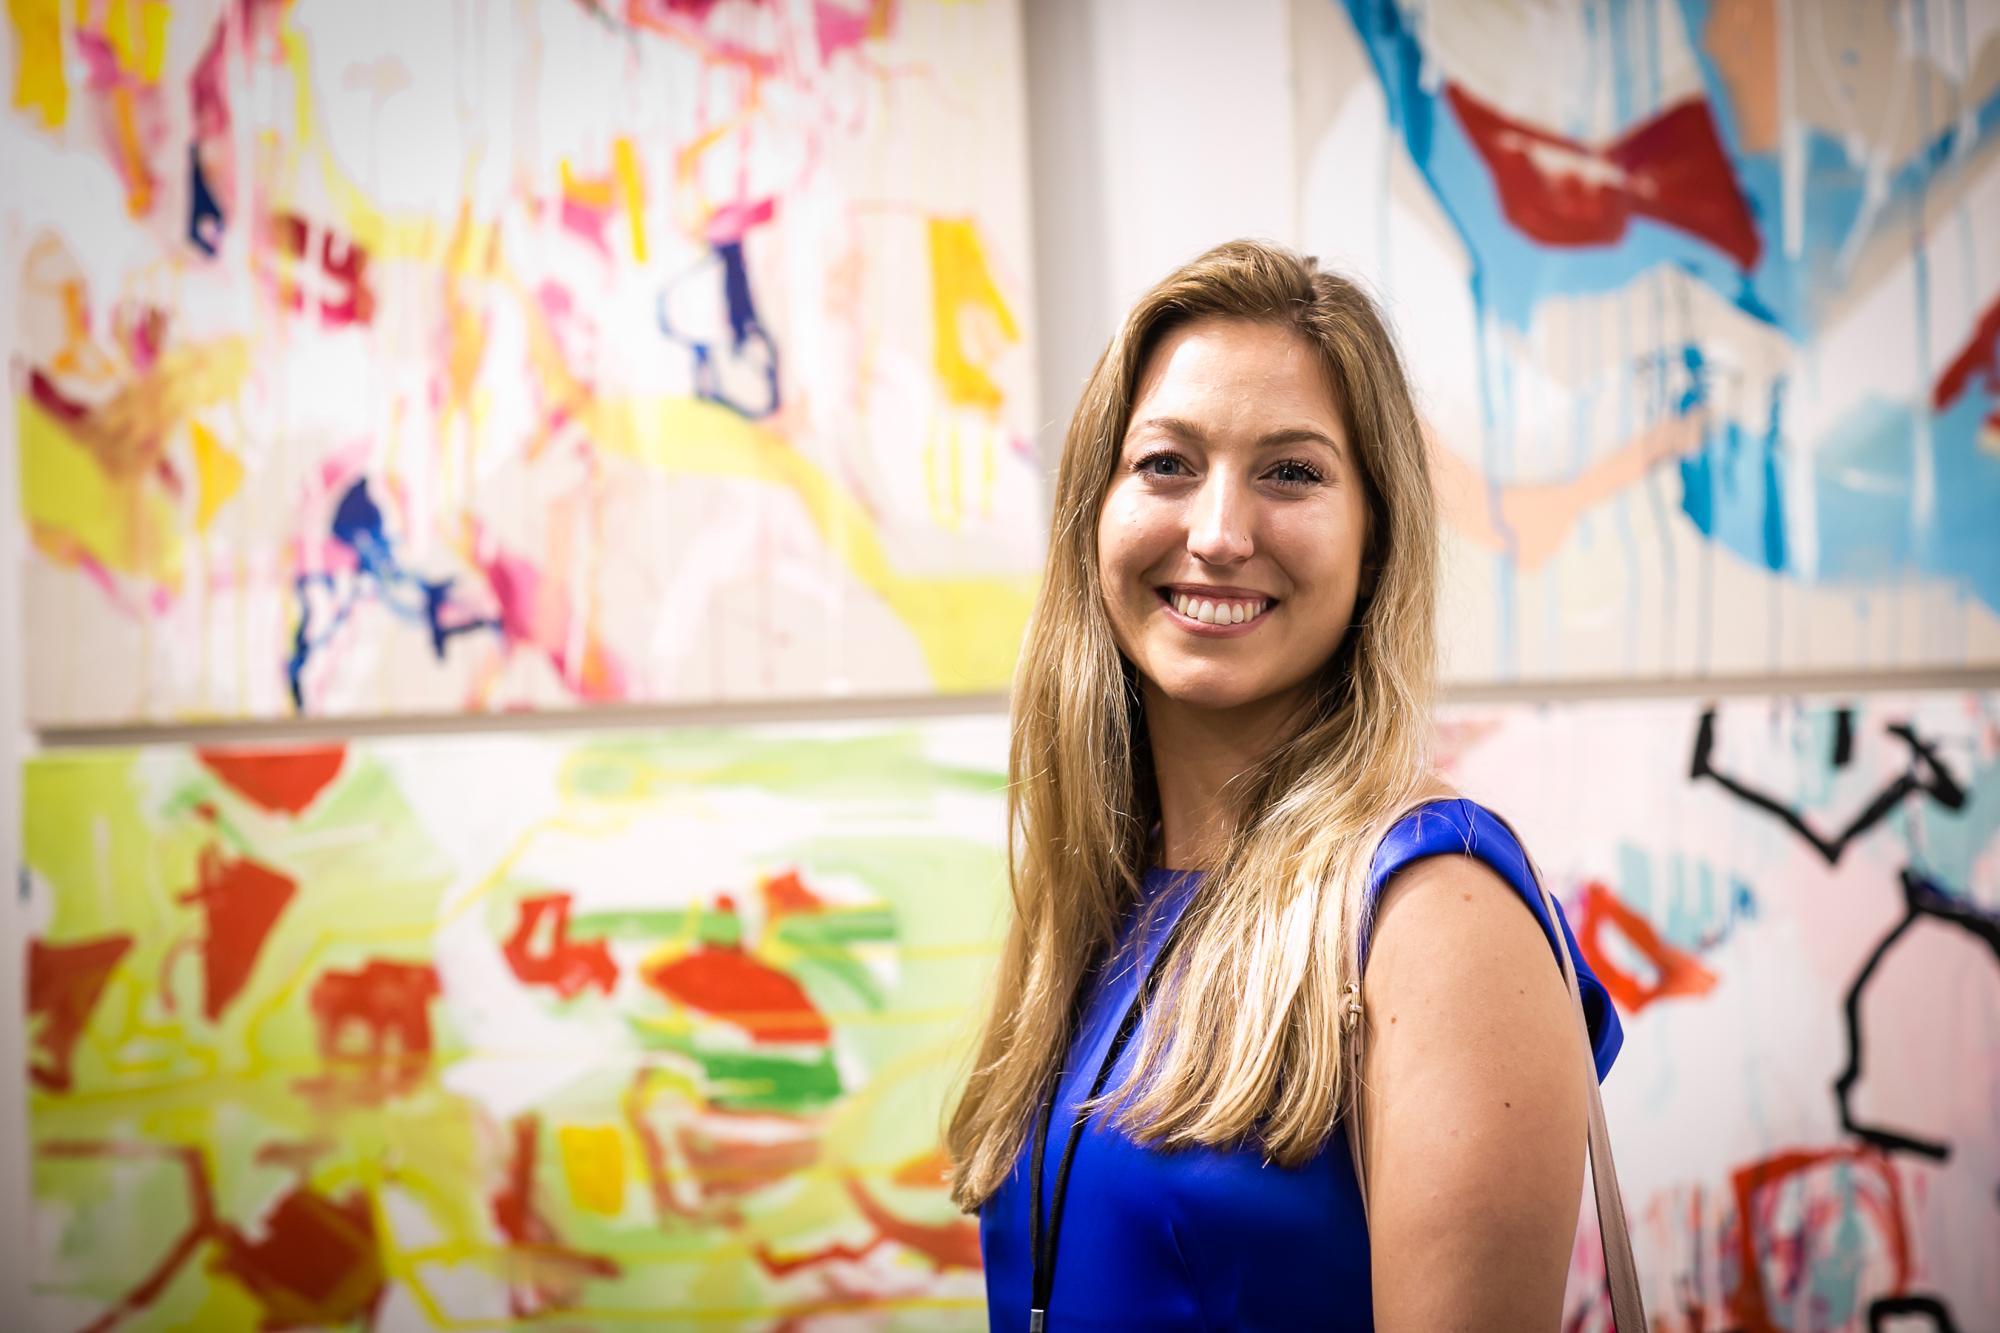 Artist Catherine Lee